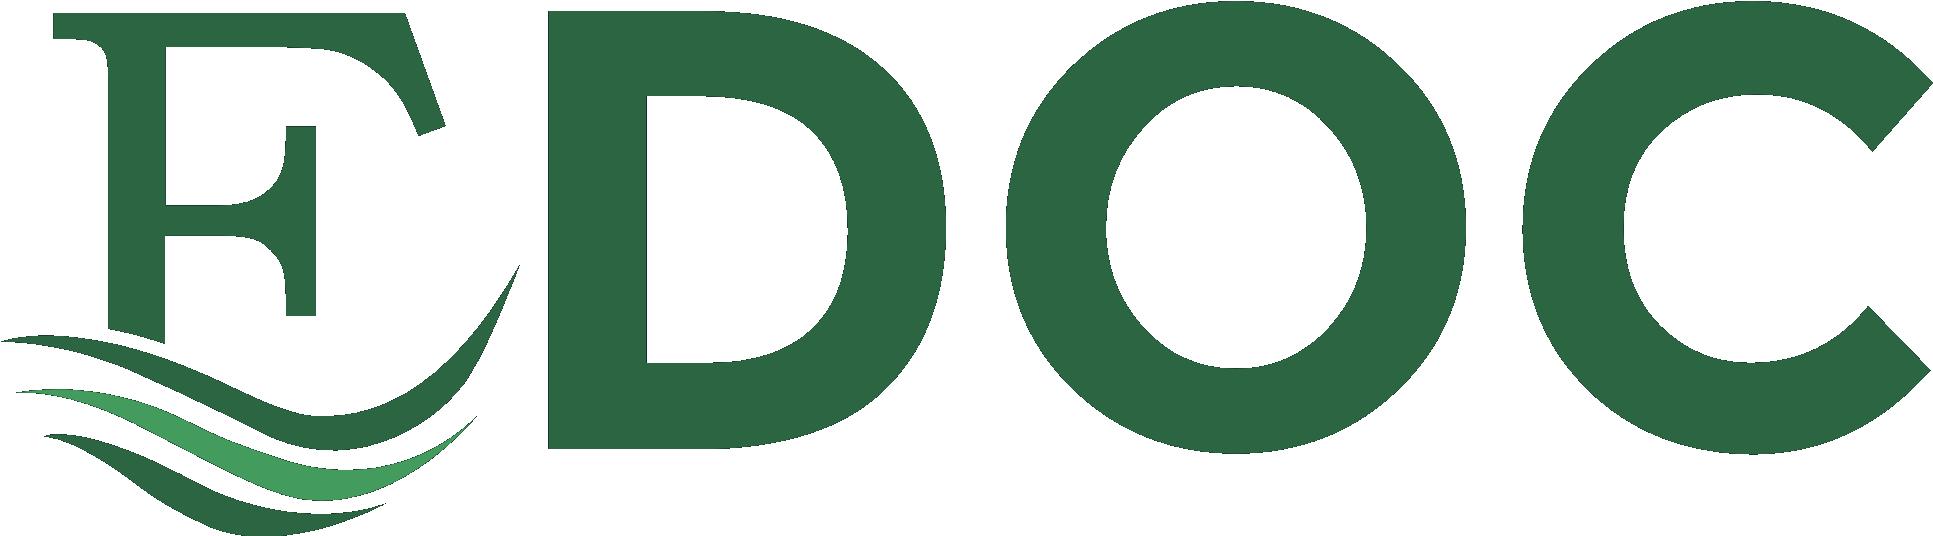 tiparele geo mărgele rotunde